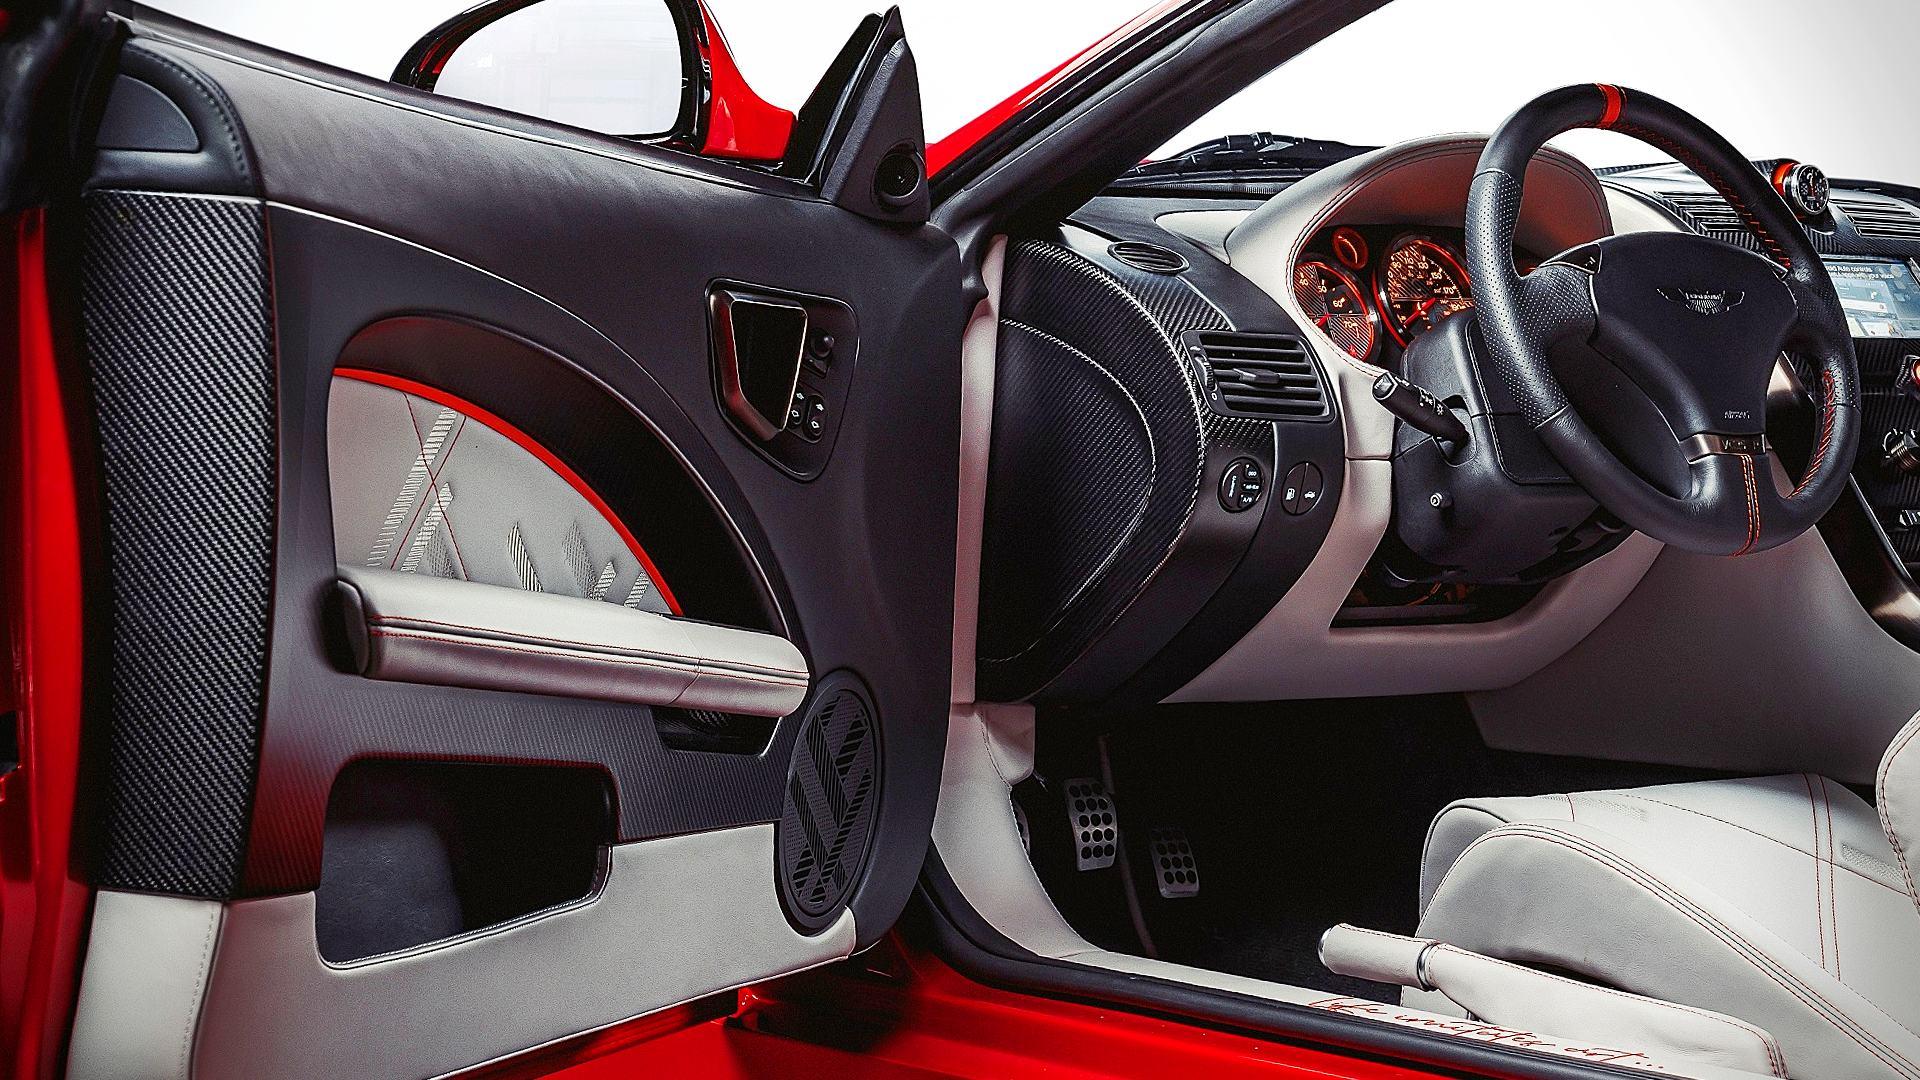 2020 Aston Martin Callum Vanquish Interior Images